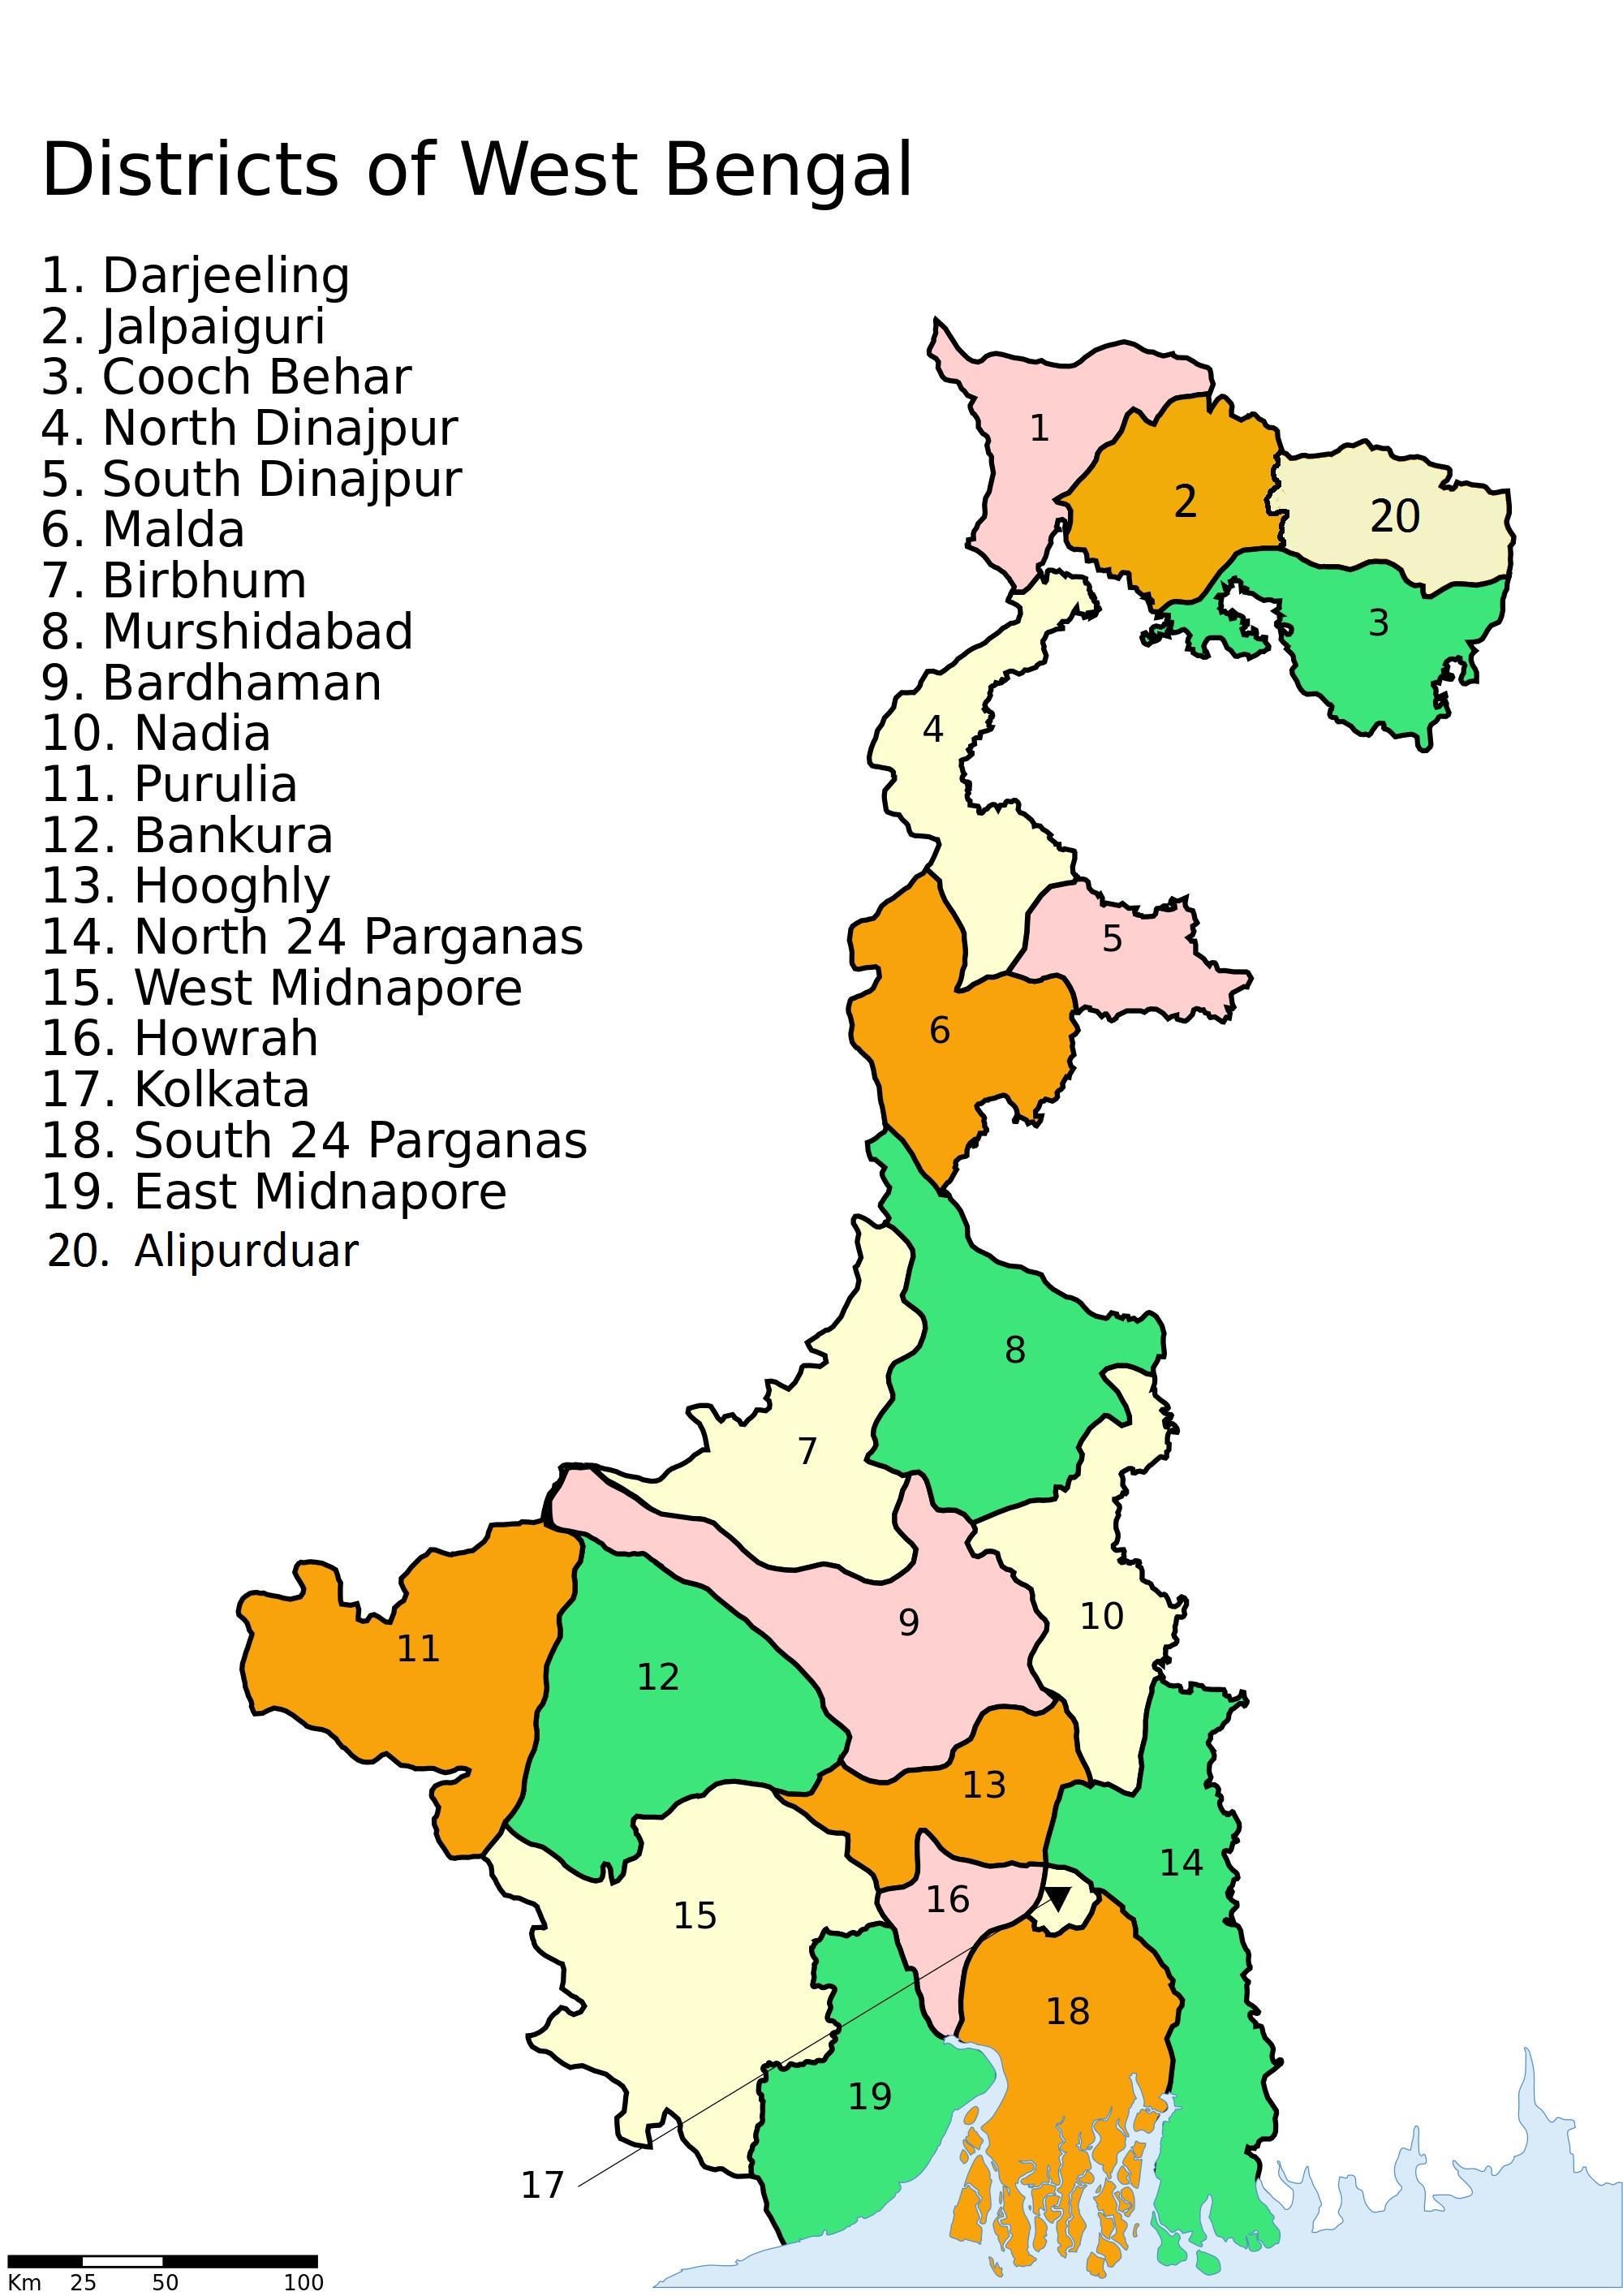 Small Business Organizational Chart Template: Jalpaiguri ision - Wikipedia,Chart